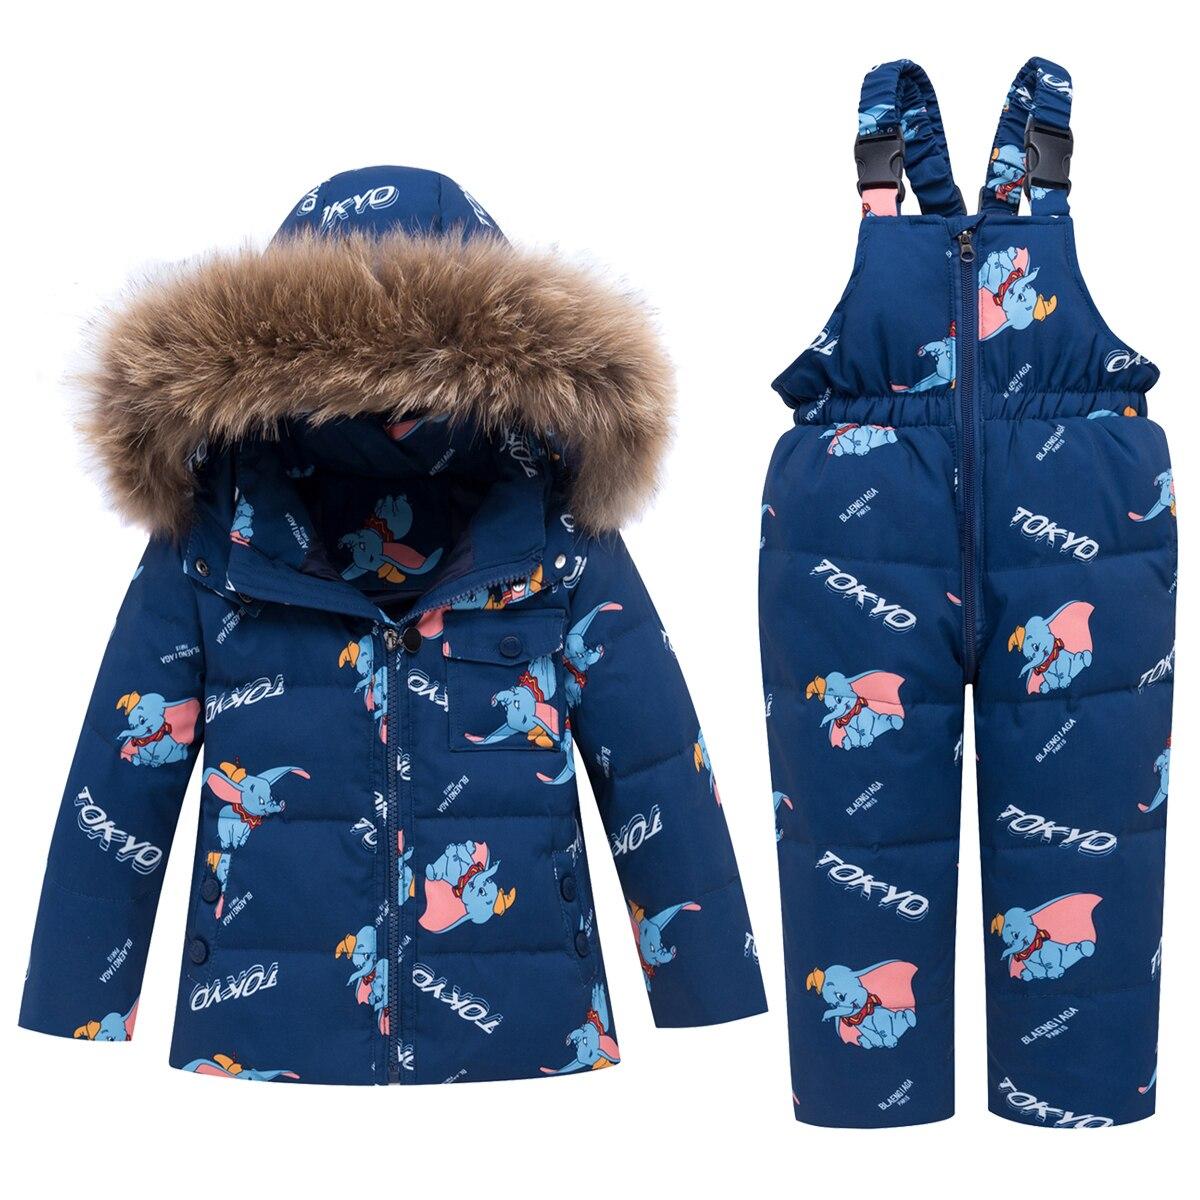 -30 degrés 2019 nouveau hiver chaud vers le bas vestes enfants vêtements ensembles garçons parka vraie fourrure bébé enfant en bas âge fille vêtements enfants ski suit